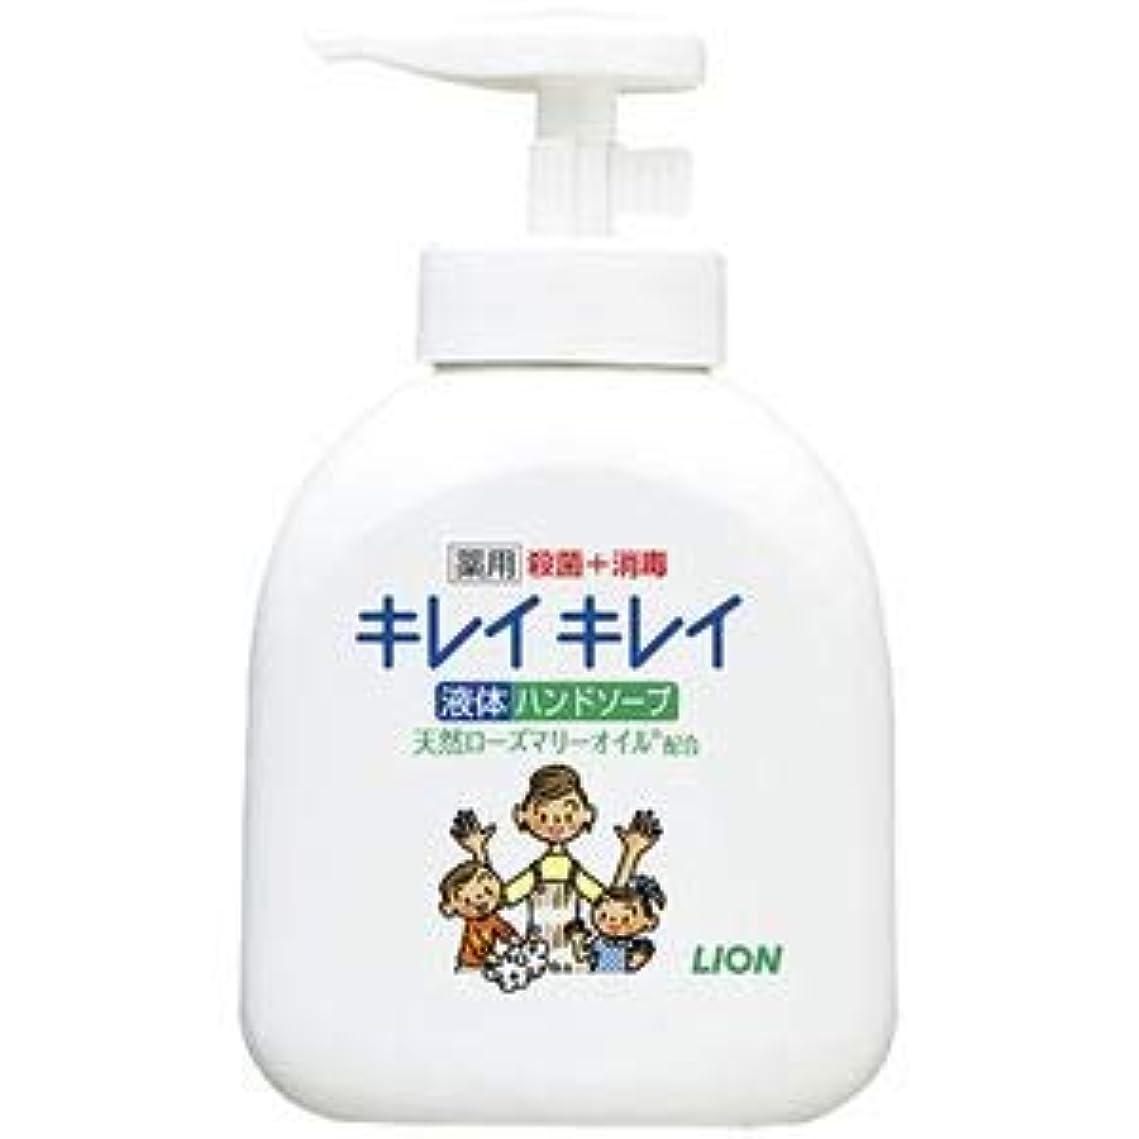 盲目気性日没(まとめ) ライオン キレイキレイ 薬用ハンドソープ 本体【×10セット】